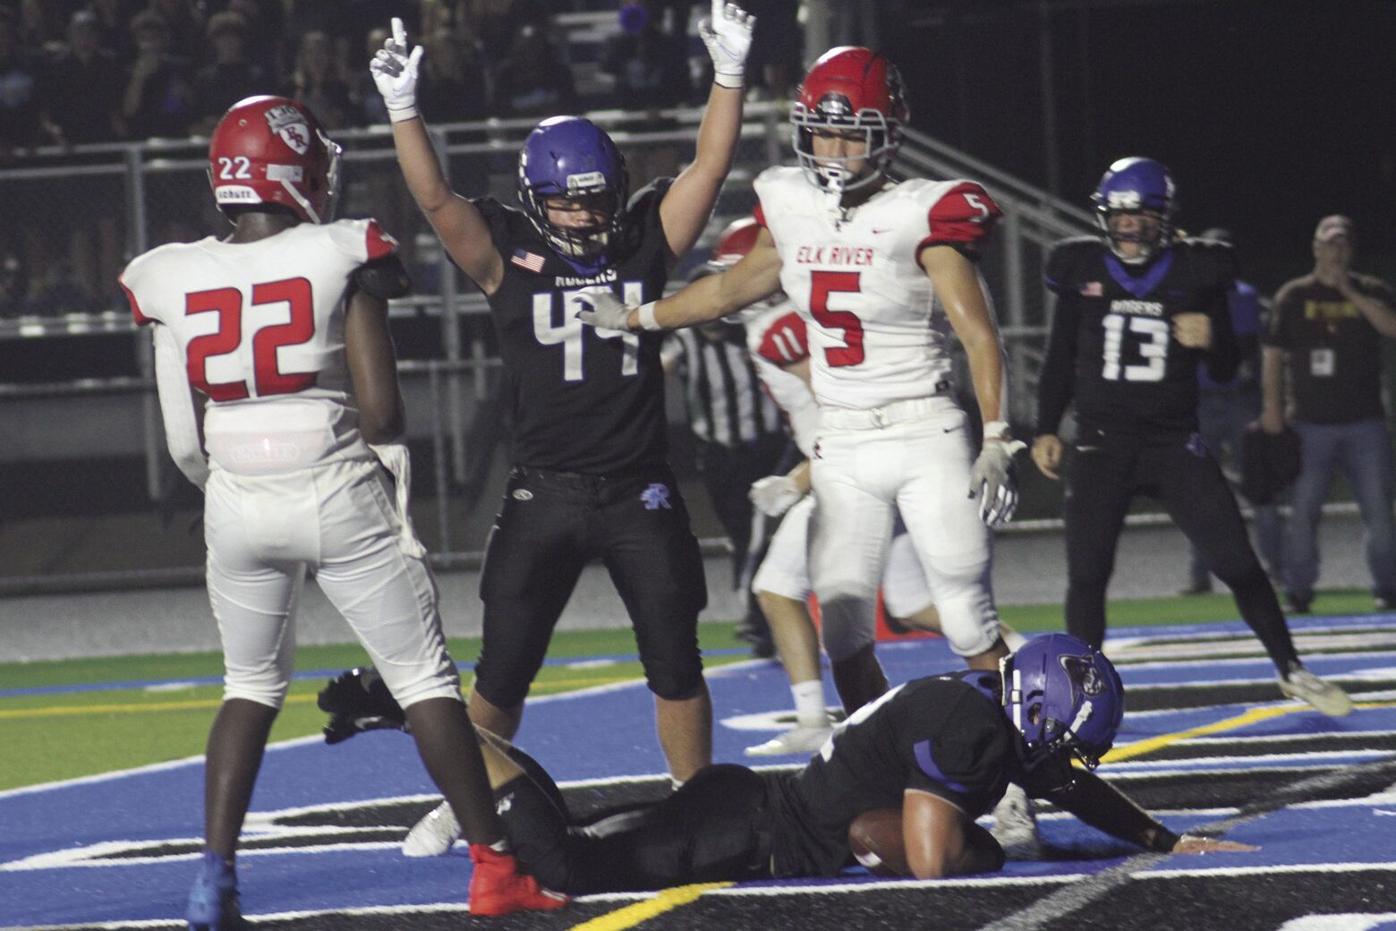 Rogers stifles Elk River on homecoming